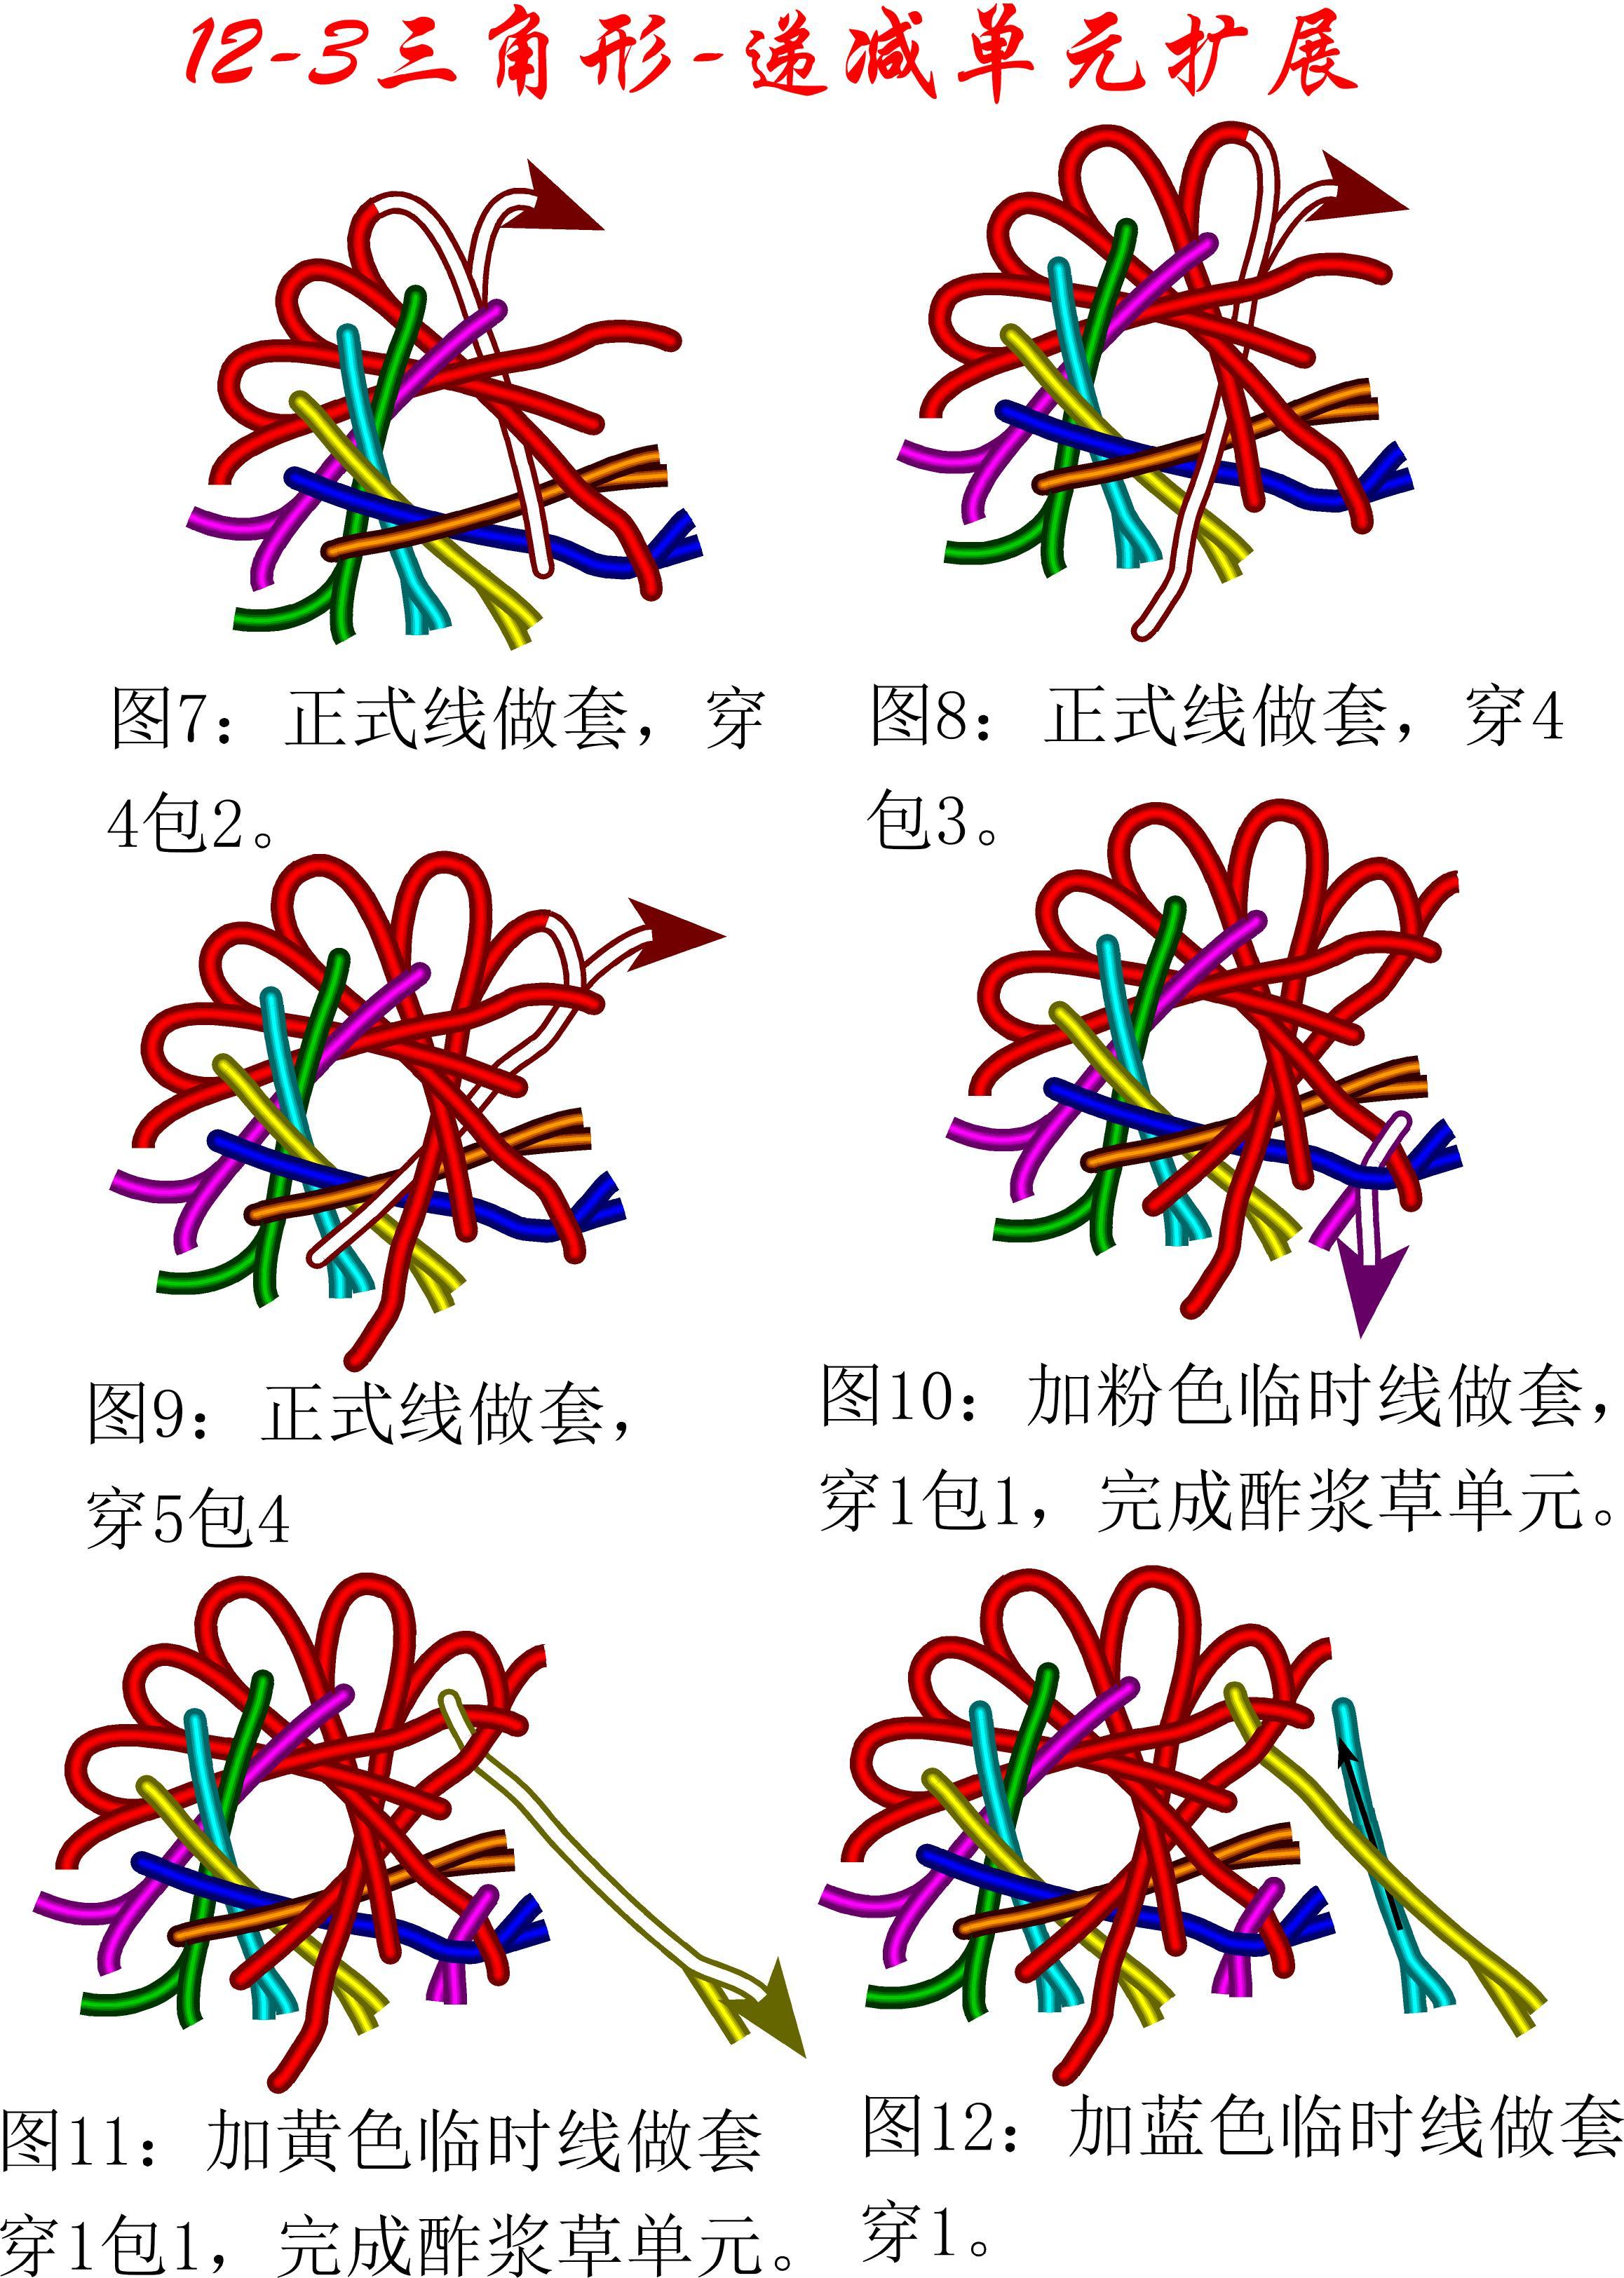 中国结论坛 12-3盘长减少单元扩展方法---三角盘长徒手教程 教程,基本单元,存储器扩展单元,星三角 丑丑徒手编结 174545dedleqtlil1d1iqa